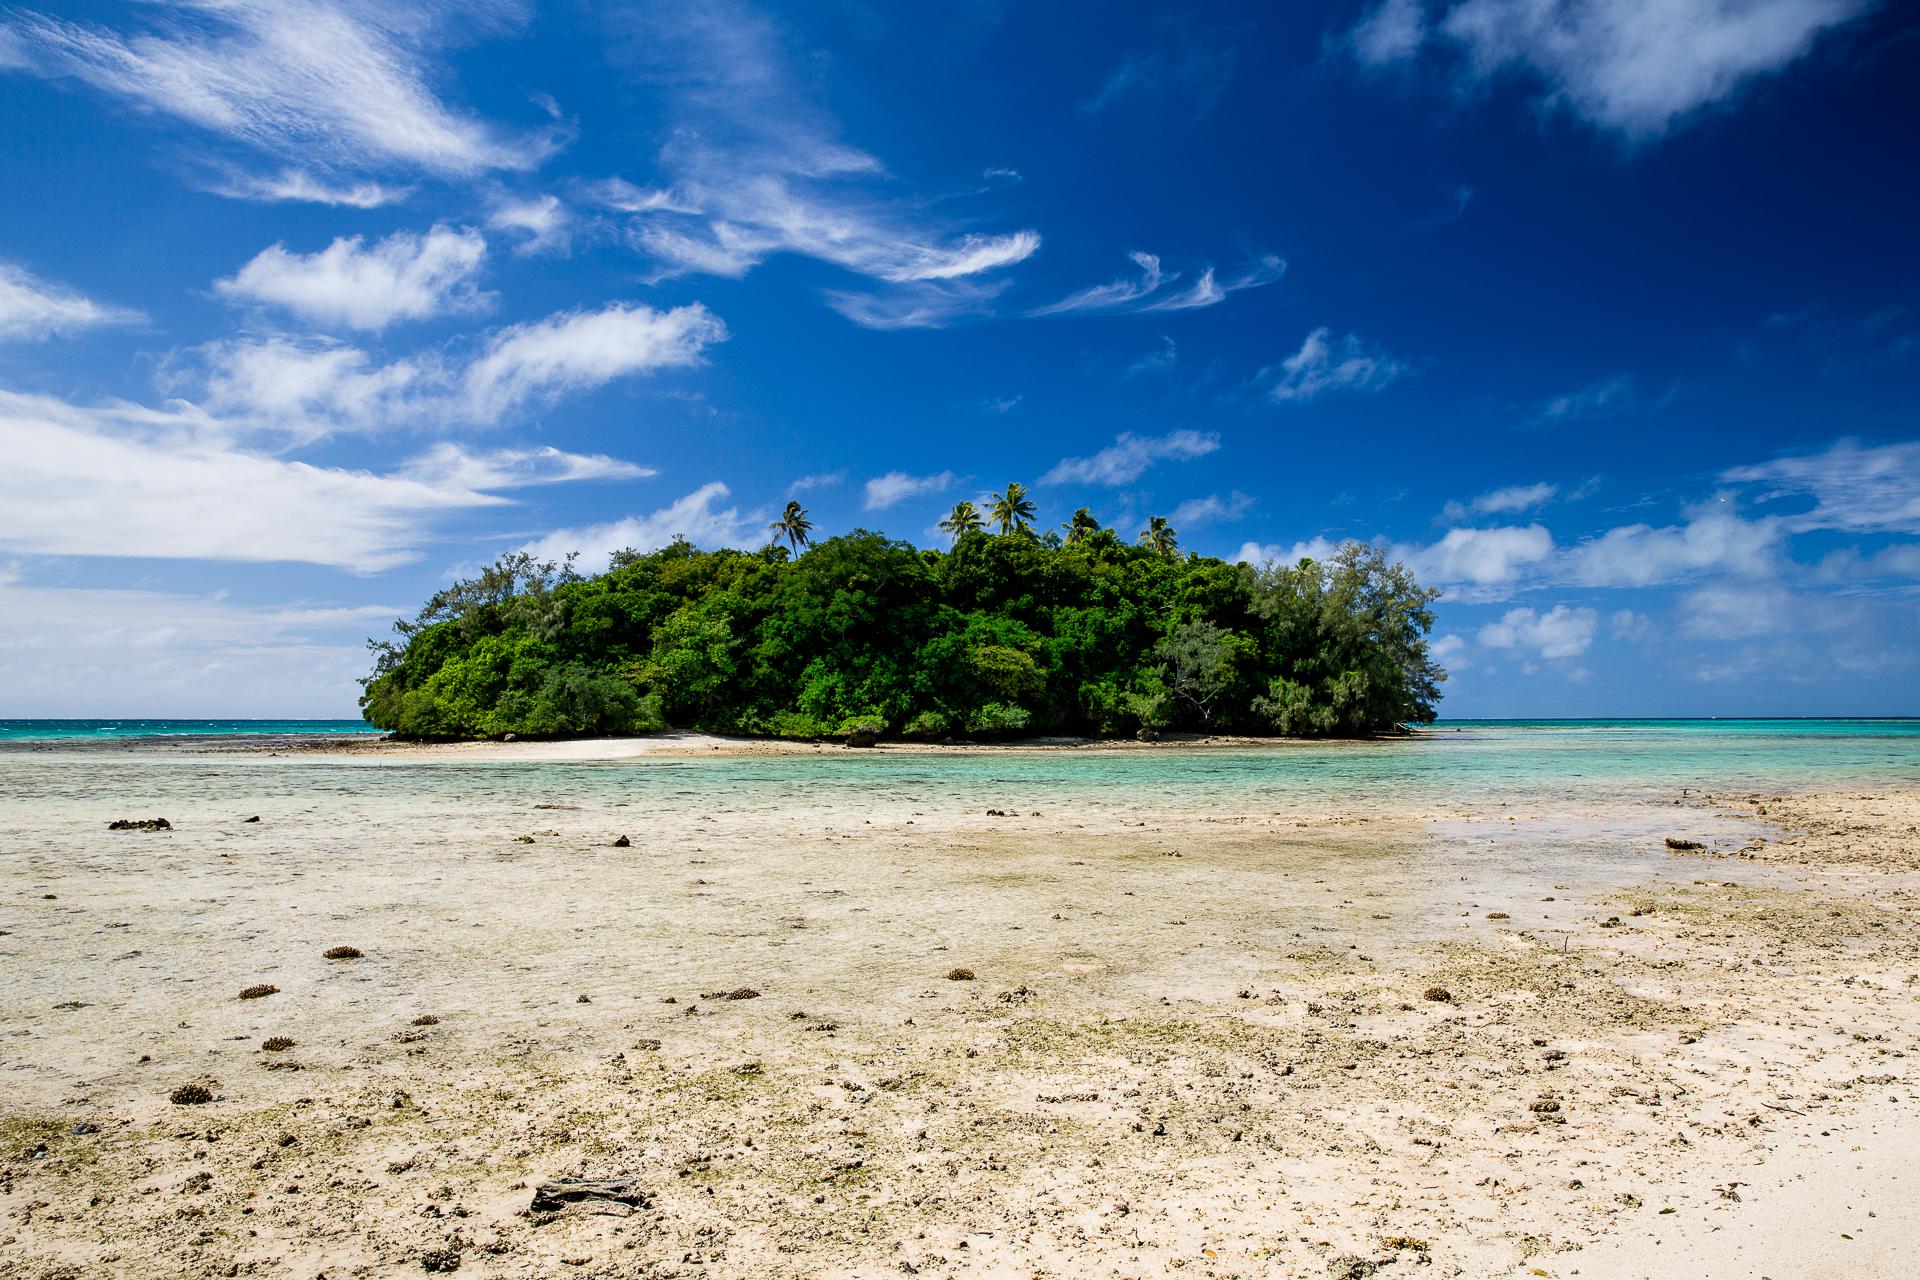 Tipps für bessere Reisefotos Reisefotografie Südseeinsel Paradies Vava'u Tonga Südsee